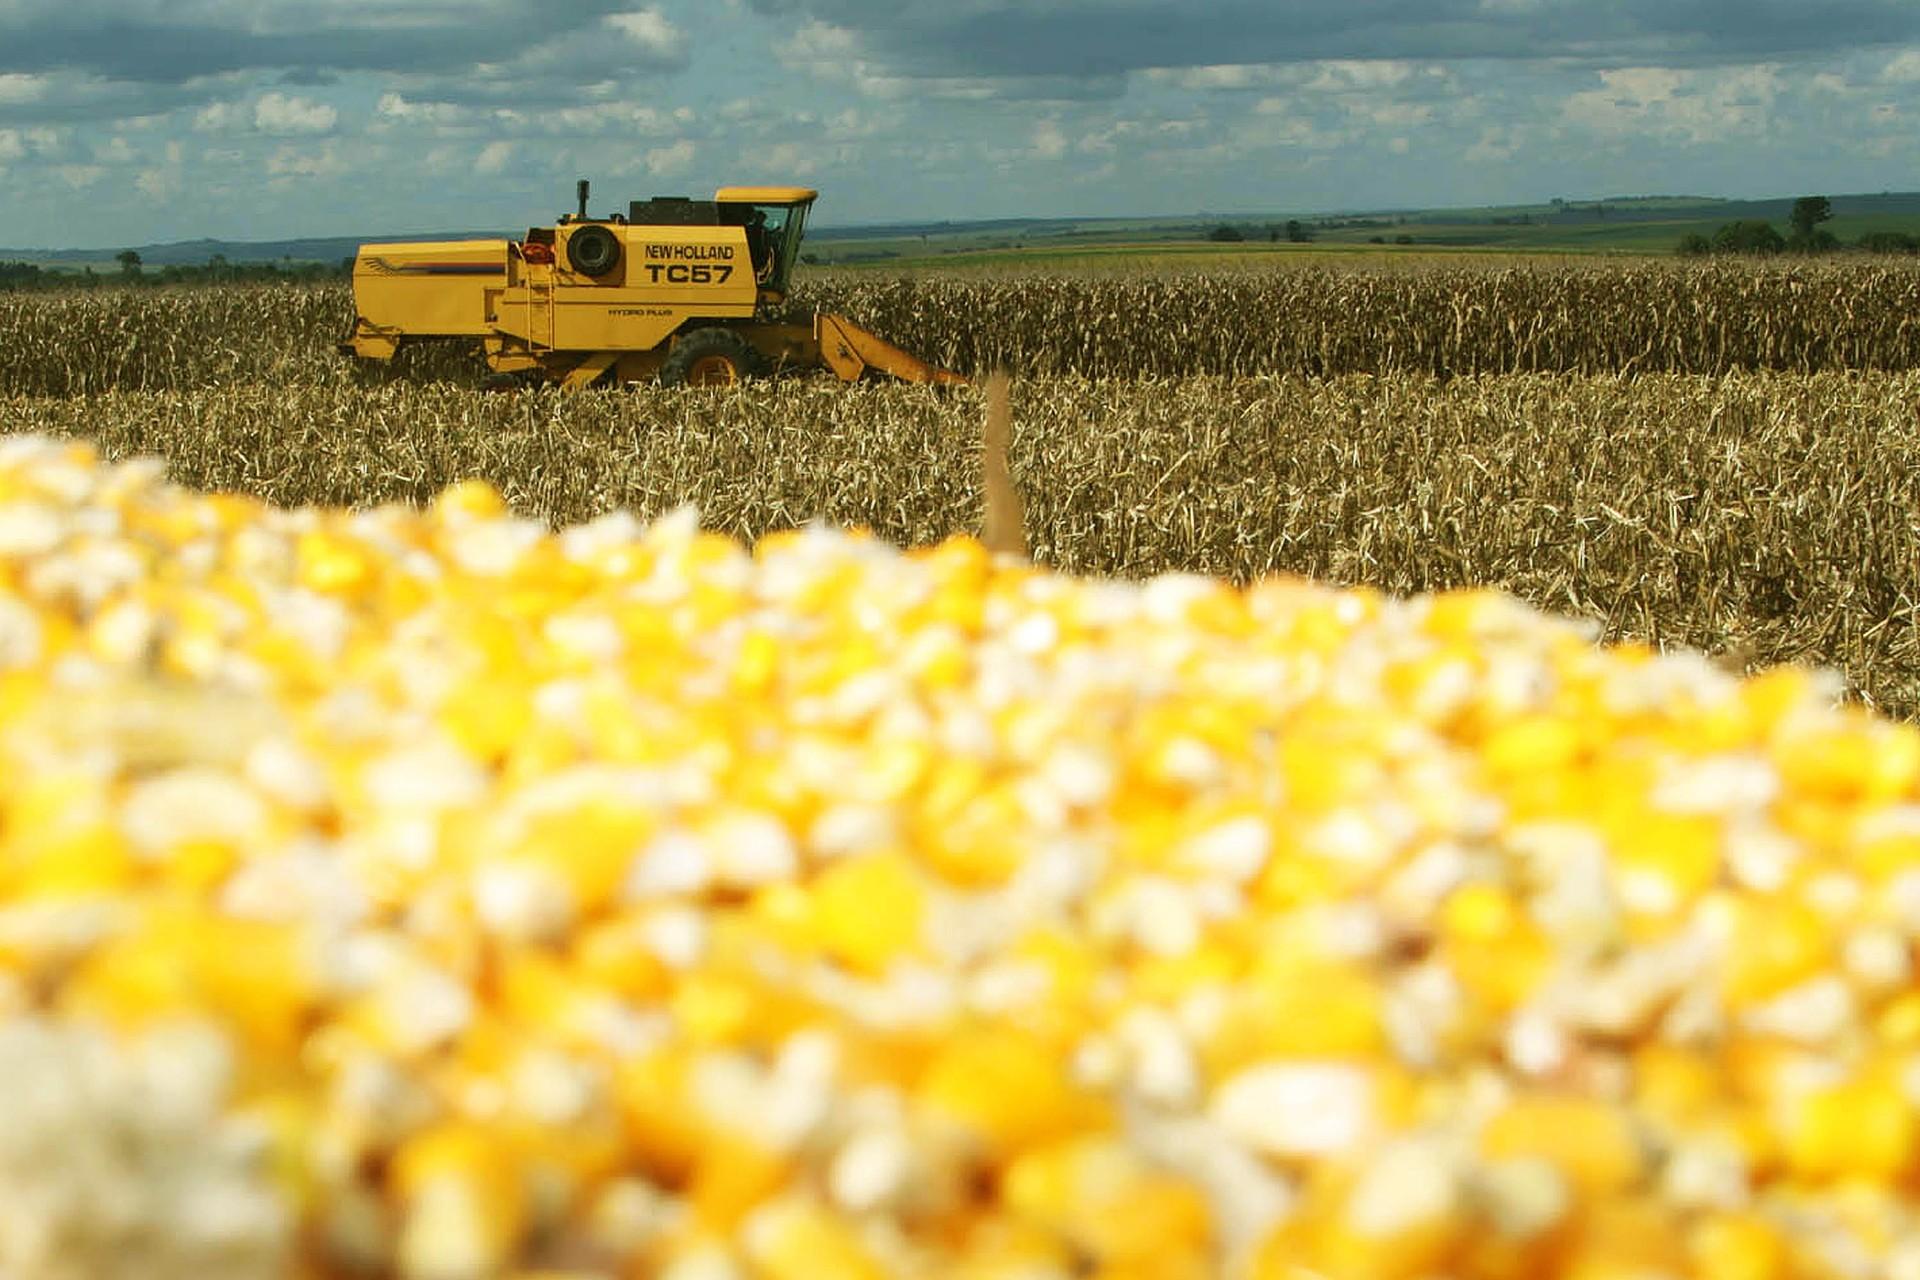 Colheita do milho chega a 41% da área no Paraná